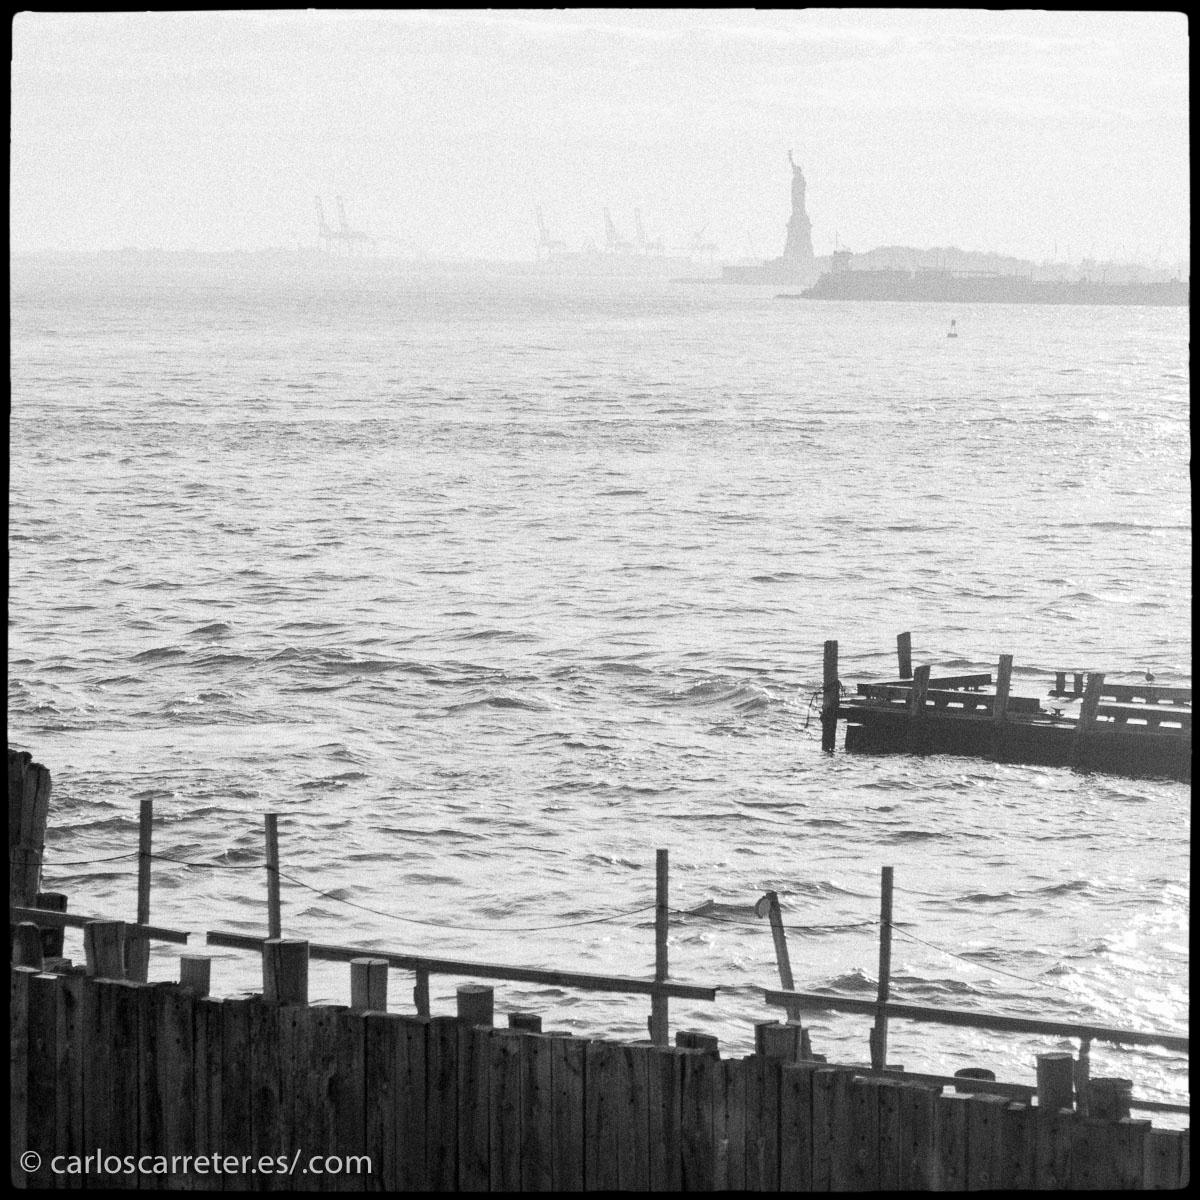 O si la ocasión lo permite, acercarse con el ferry gratuito hasta Staten Island.